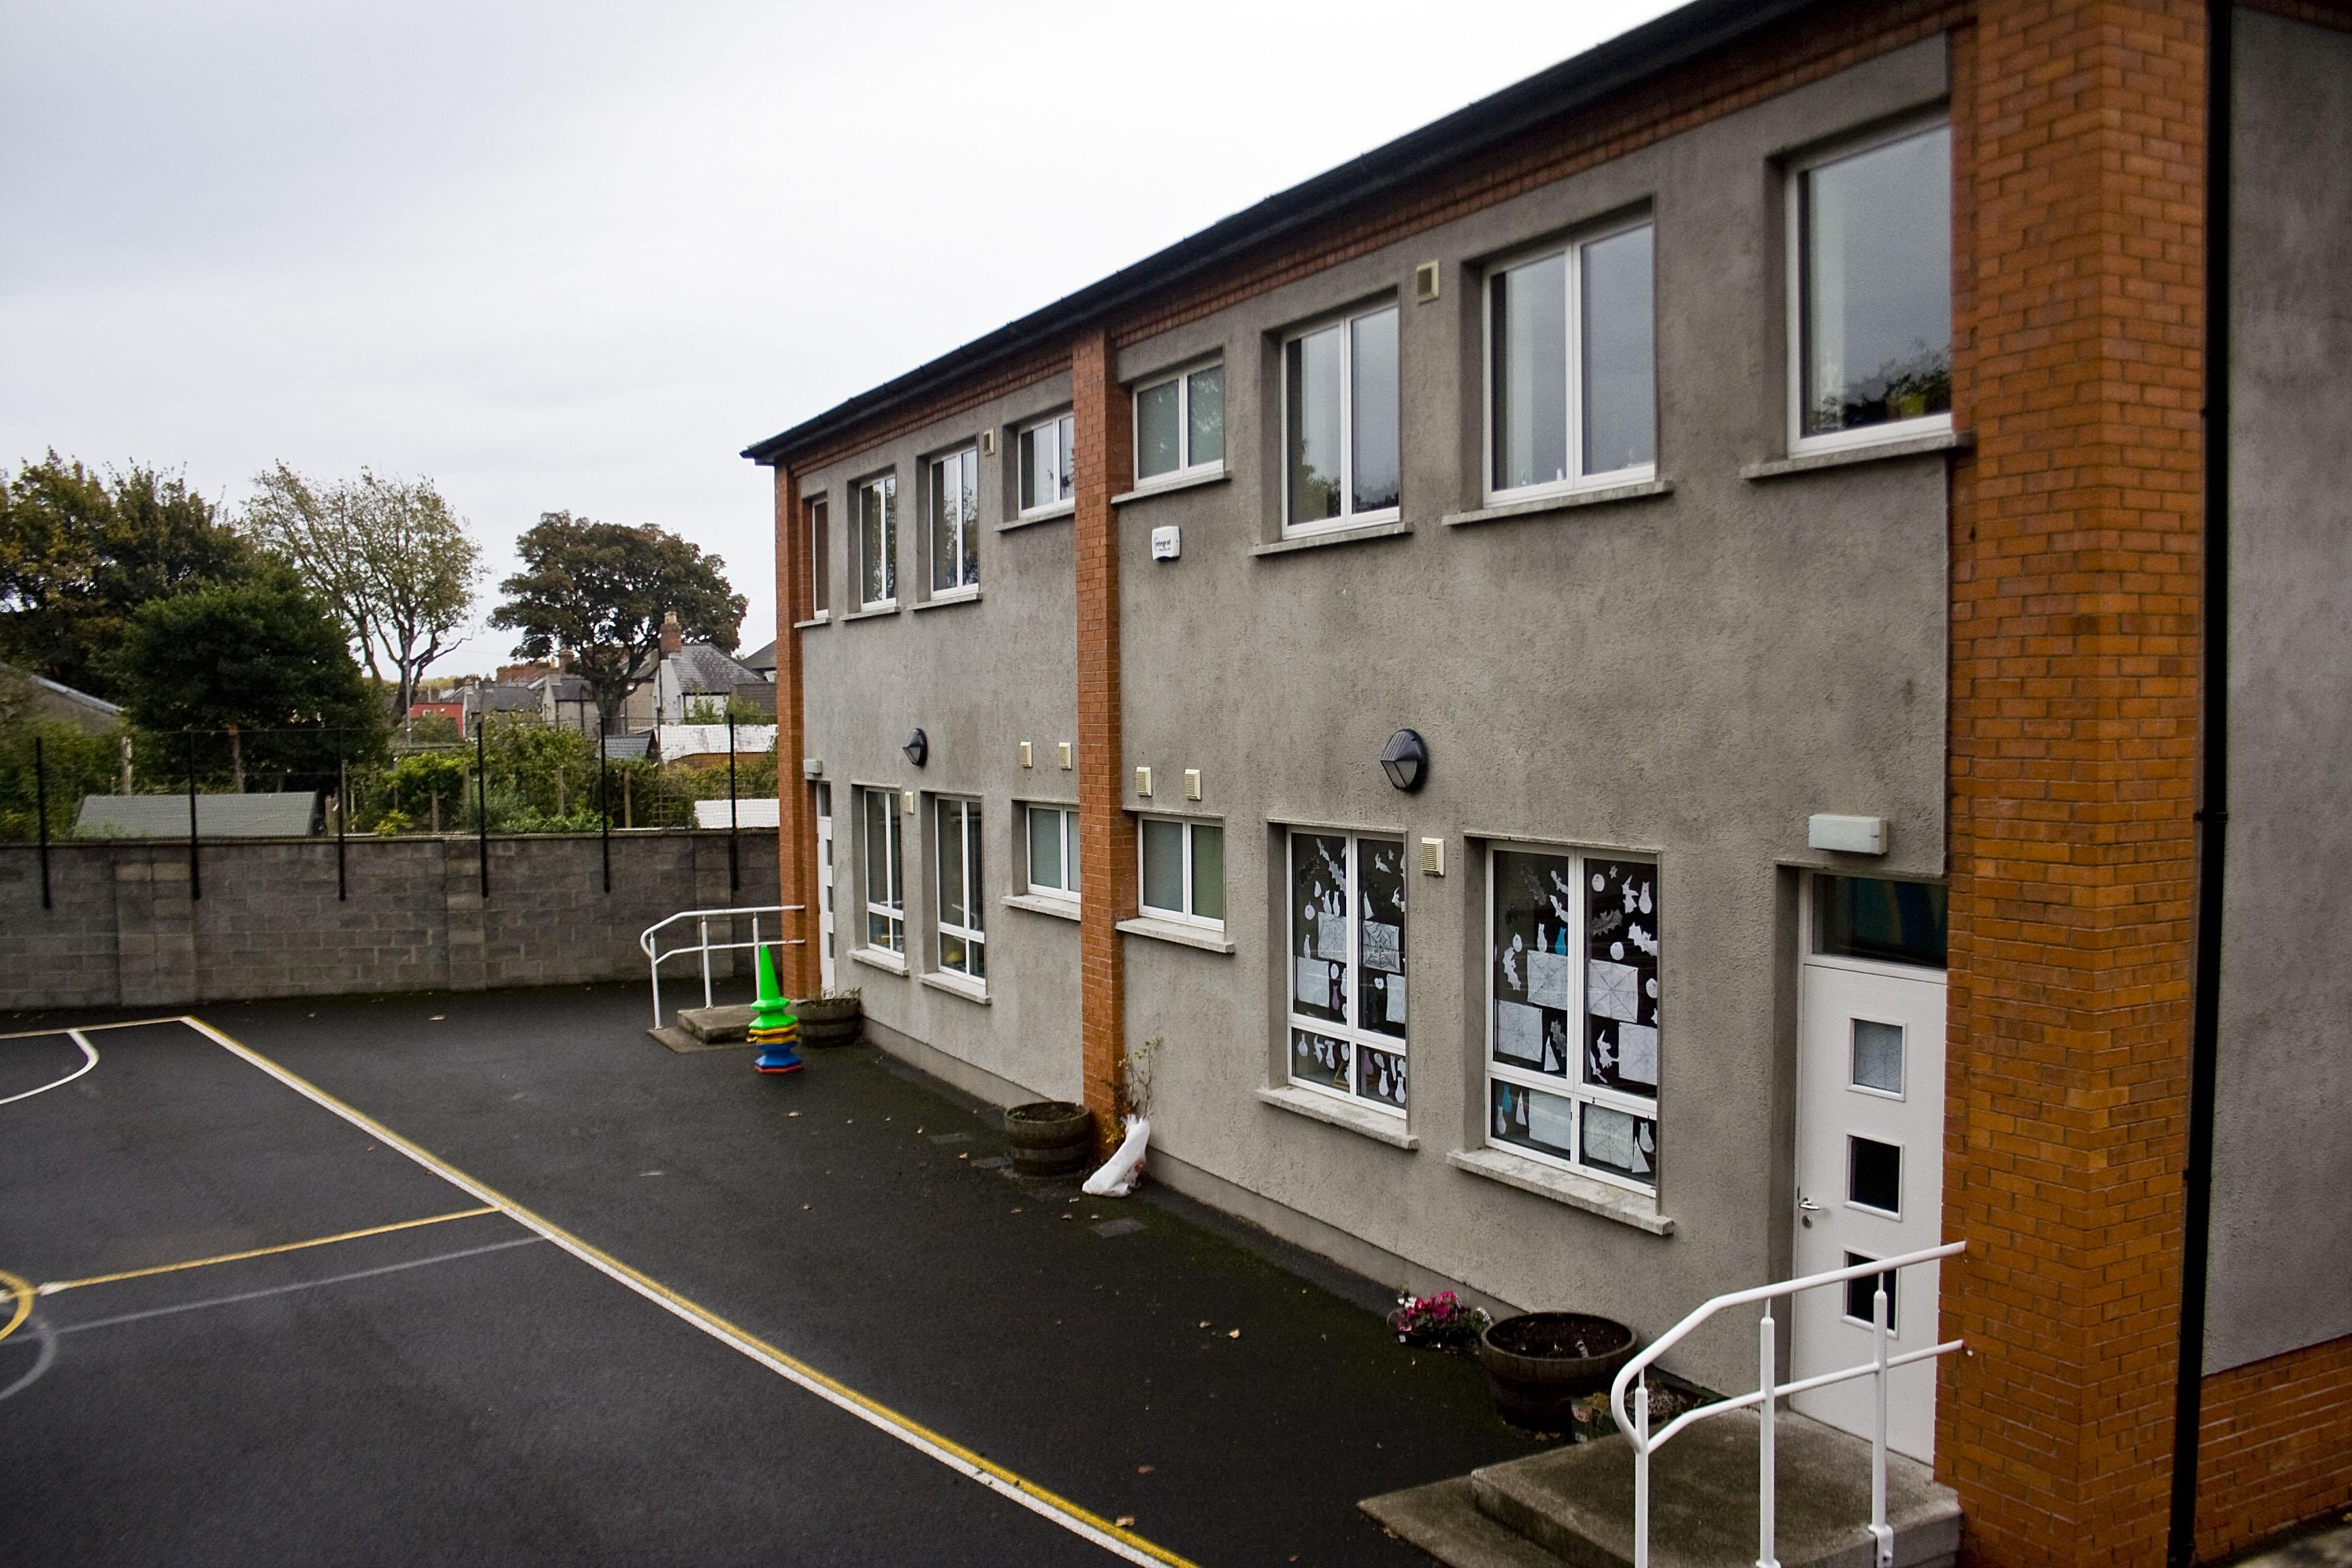 Glasnevin primary school, scuola elementare: la scuola dove Bonovox ha fatto le classi elementari, da bambino, nel quartiere sempre a nord di dublino, di Glasnevin notare la struttura molto piccola tipica dei sobborghi di Dublino